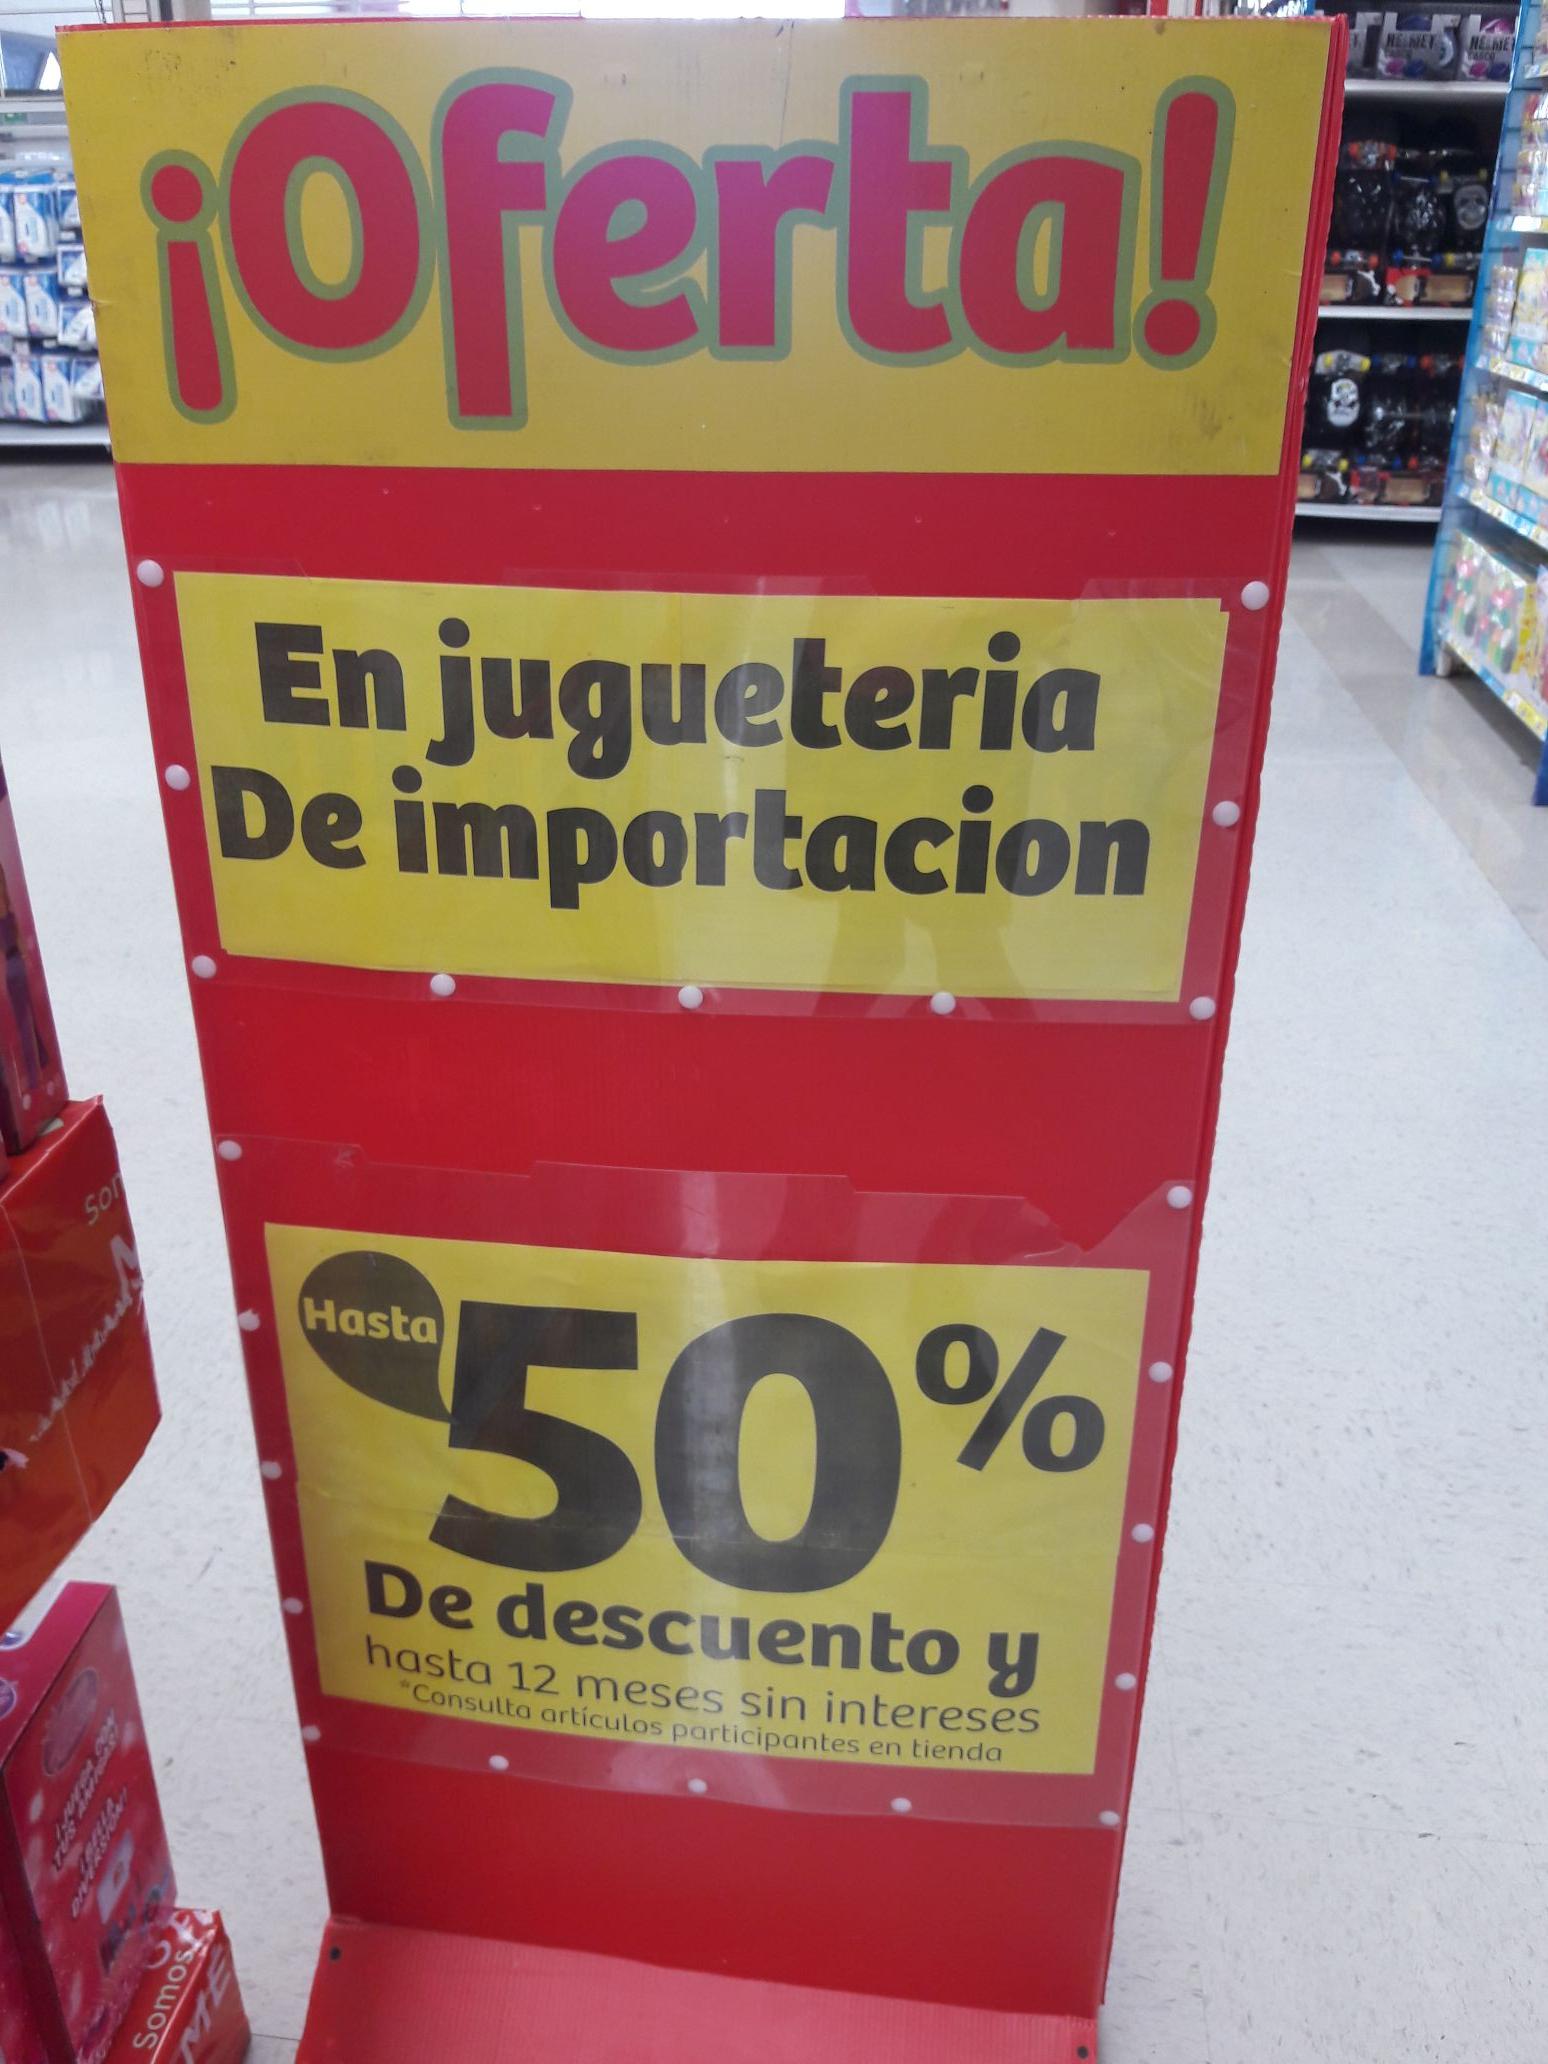 Soriana: 50% de descuento en juguetes de importación